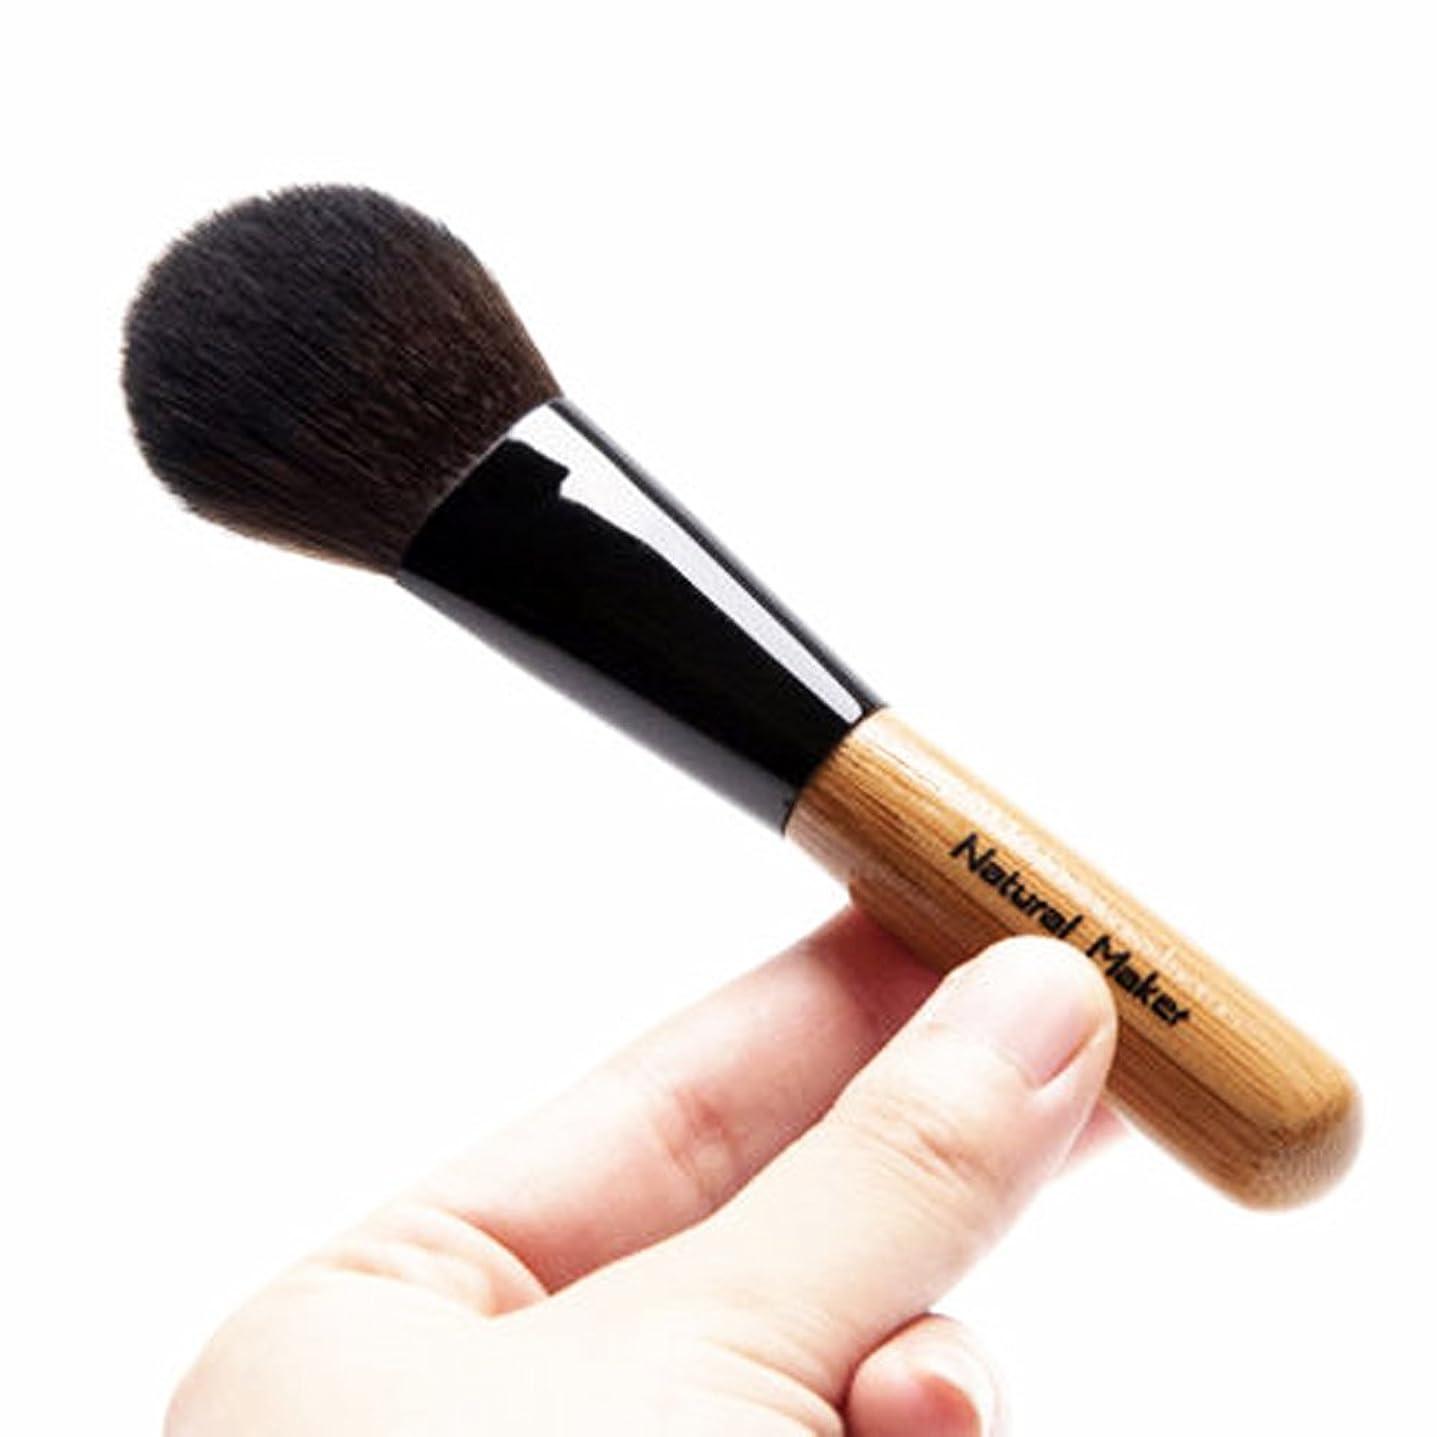 罪悪感圧縮するディレイチークブラシ 化粧筆 パウダーブラシ メイクブラシ ハイライトブラシ 高級繊維毛 極上の肌触り 竹柄